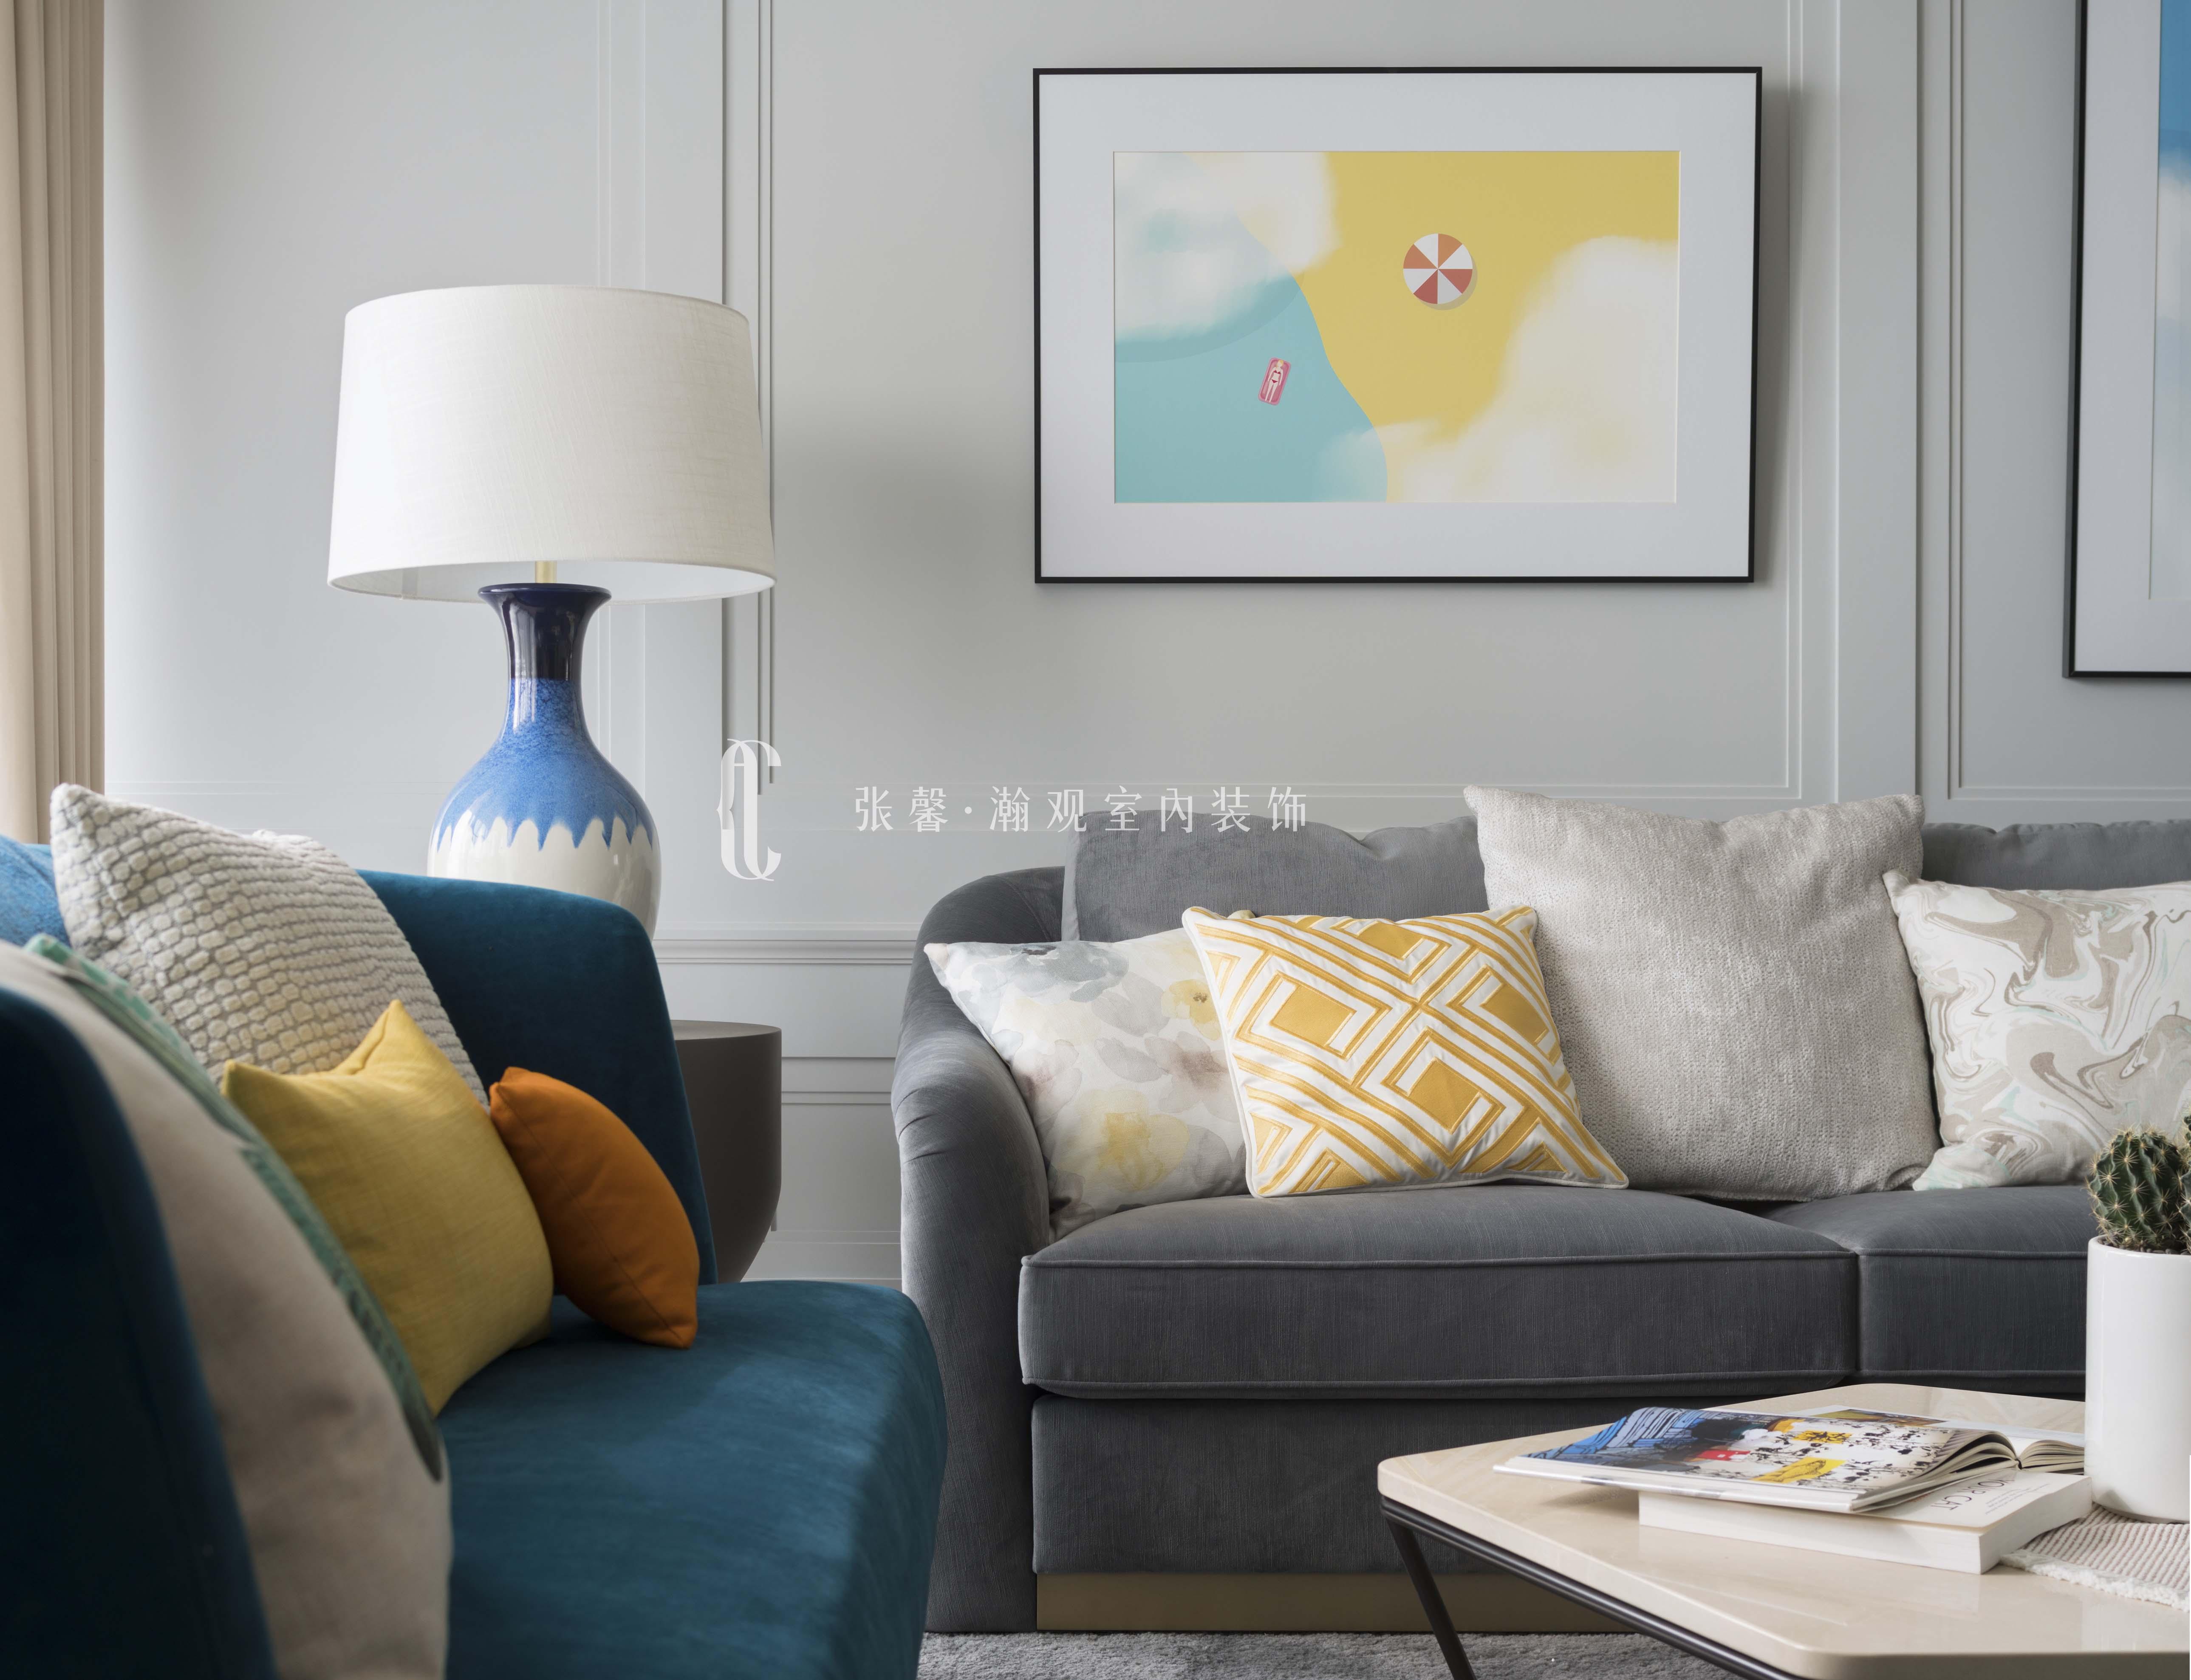 三居 张馨 美式 客厅 客厅图片来自张馨_瀚观室内装饰在翱翔 水畔森林的分享